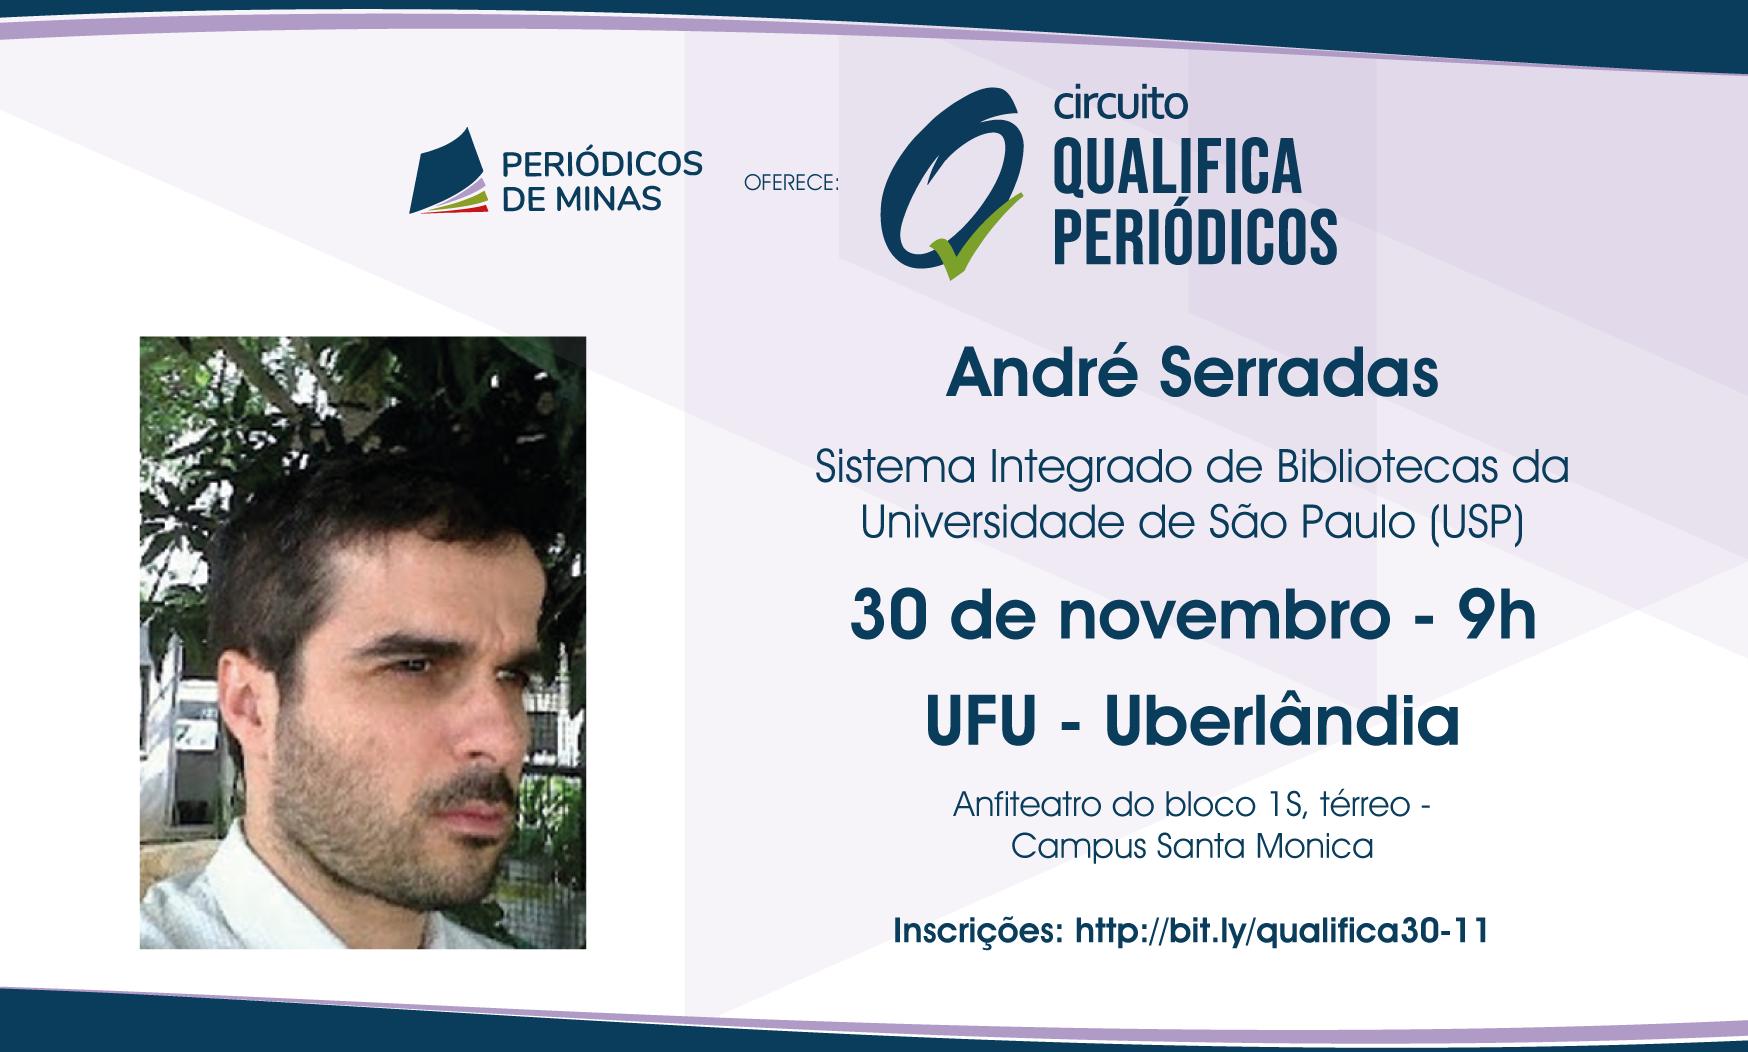 André Serradas Irá Discutir Portais De Periódicos No I Circuito Qualifica Periódicos